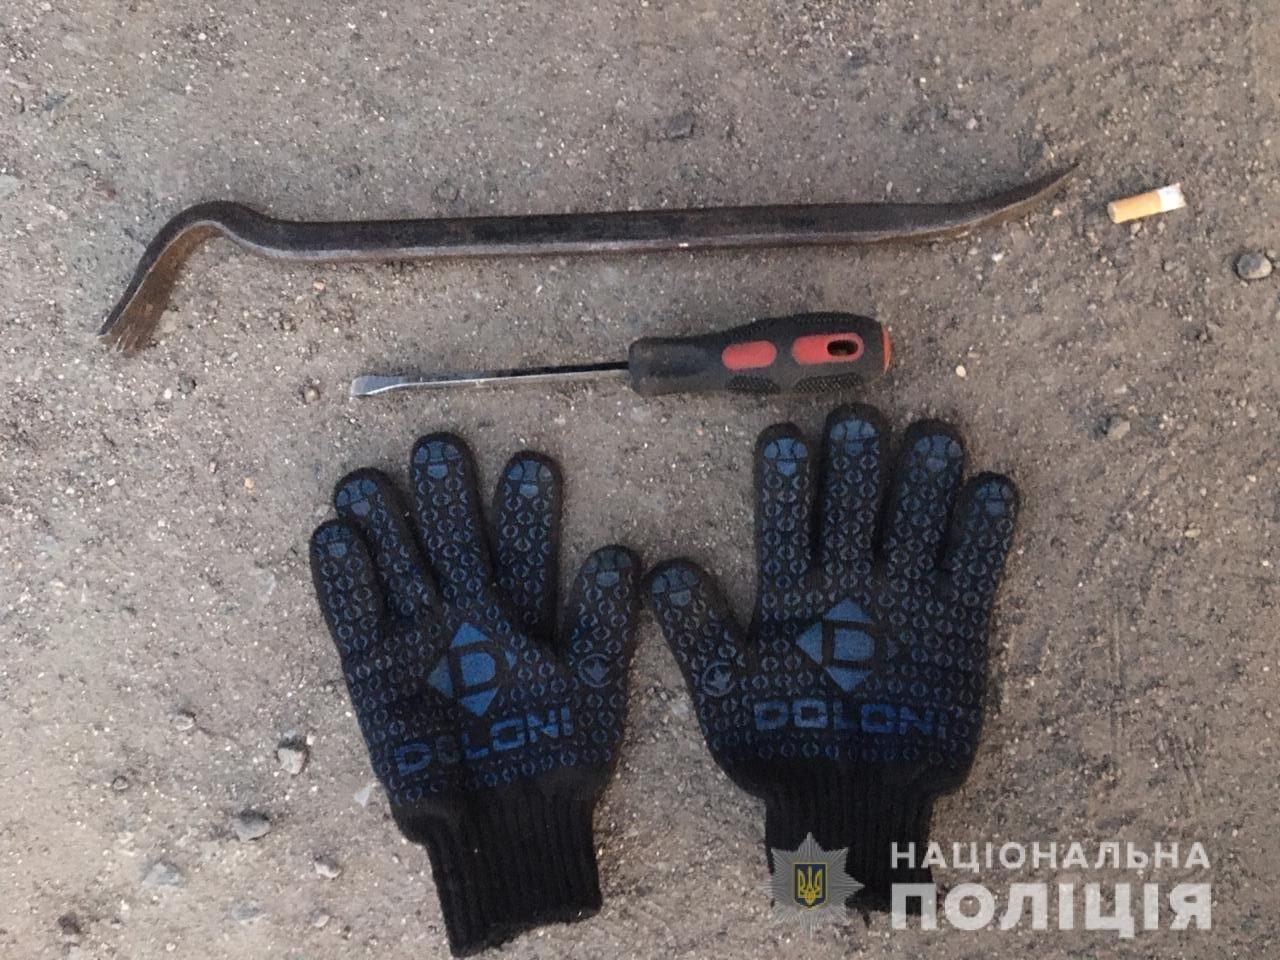 В Одесской области харьковчанин проник в магазин и вынес сейф с десятками тысяч, фото-3